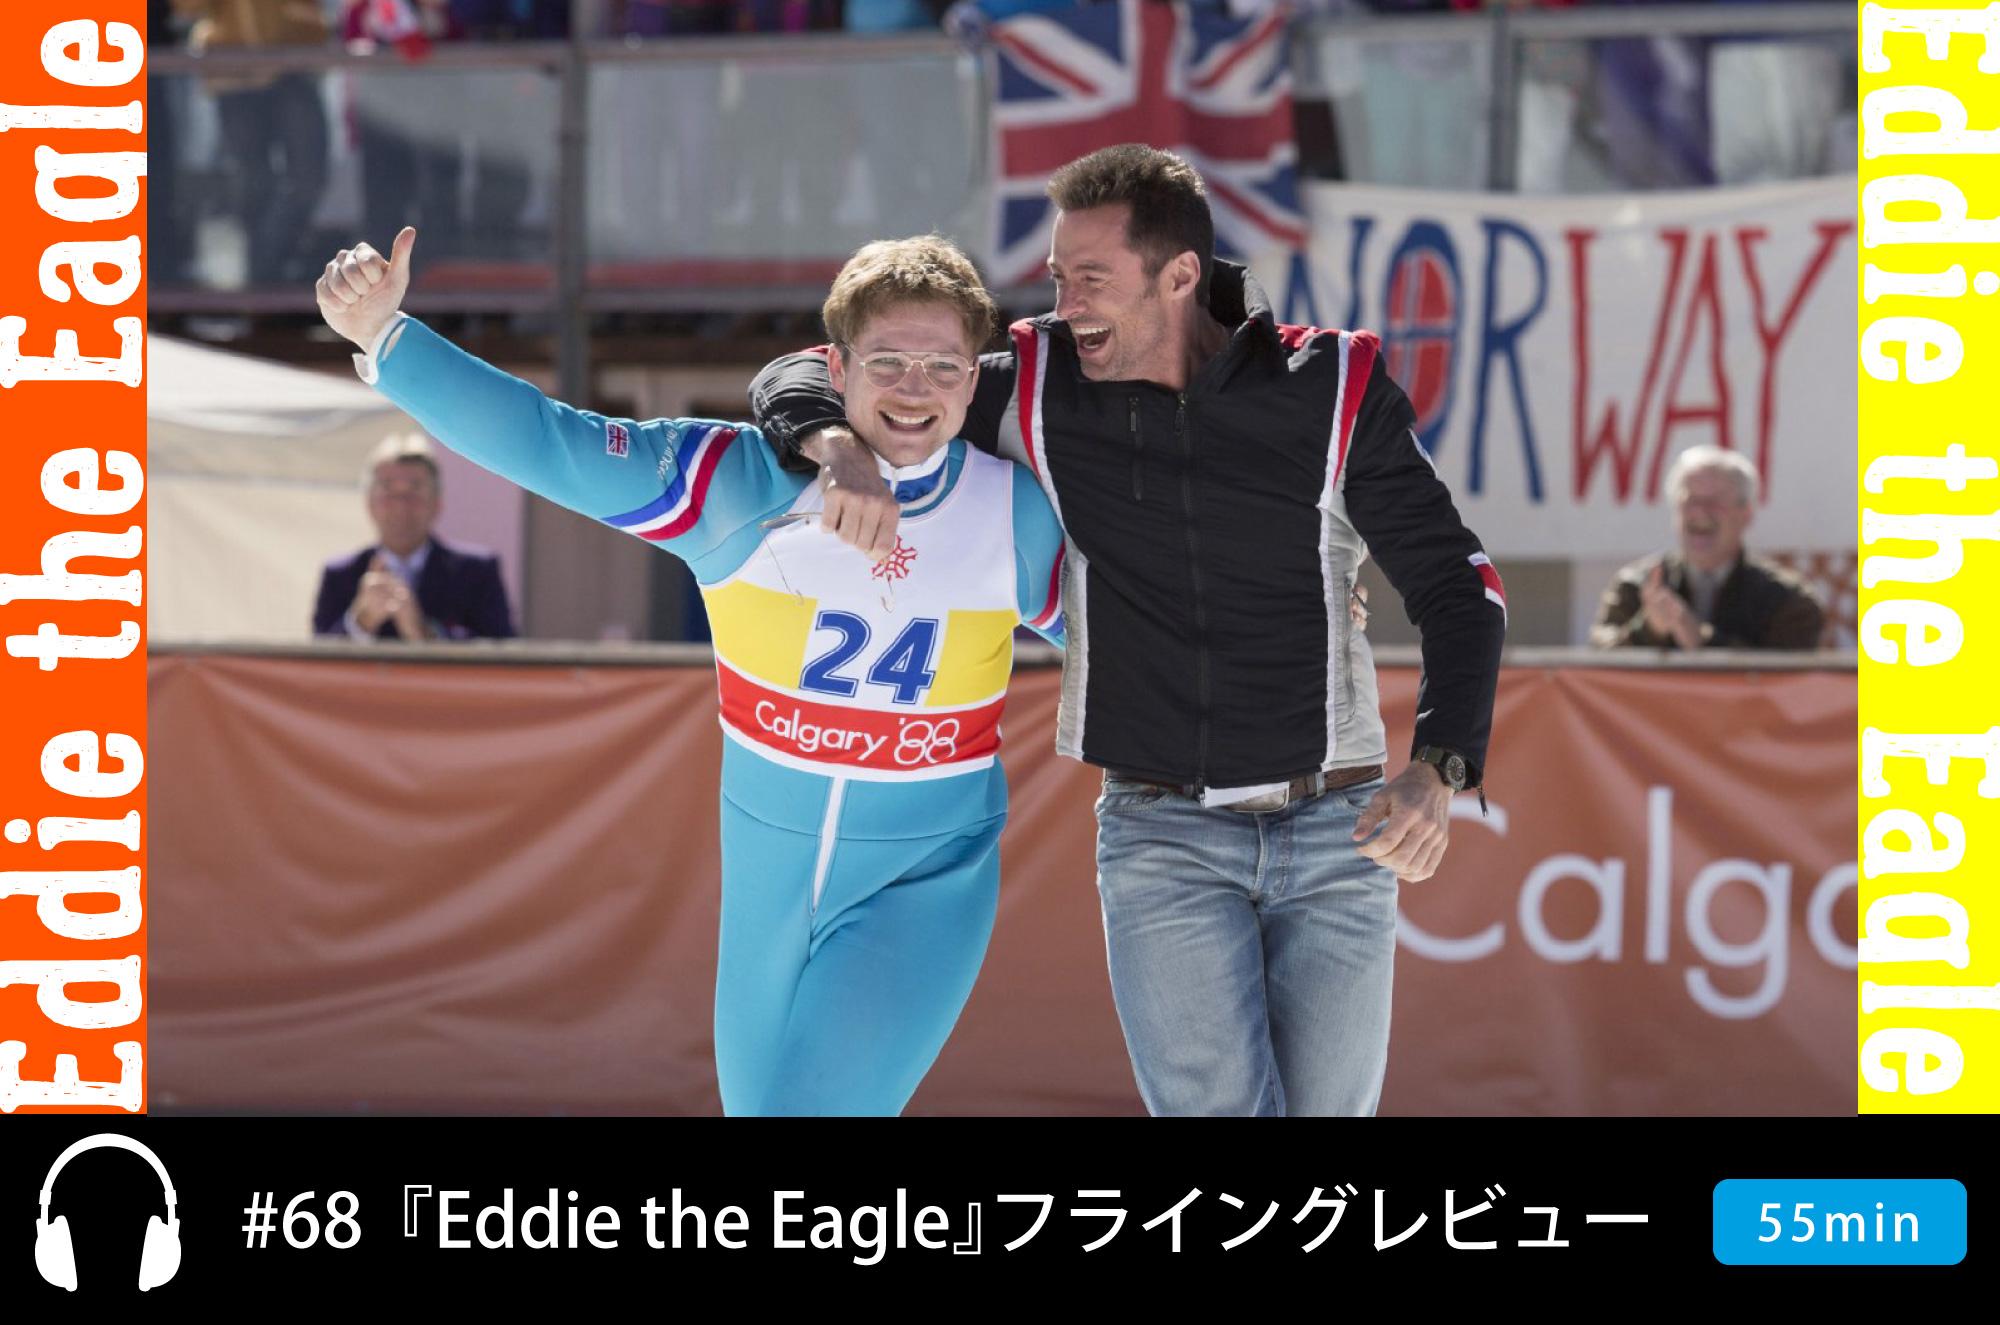 第68回:2016年・超オススメ英映画『Eddie the Eagle(エディ・ザ・イーグル)』フライングレビュー【ネタバレなし】